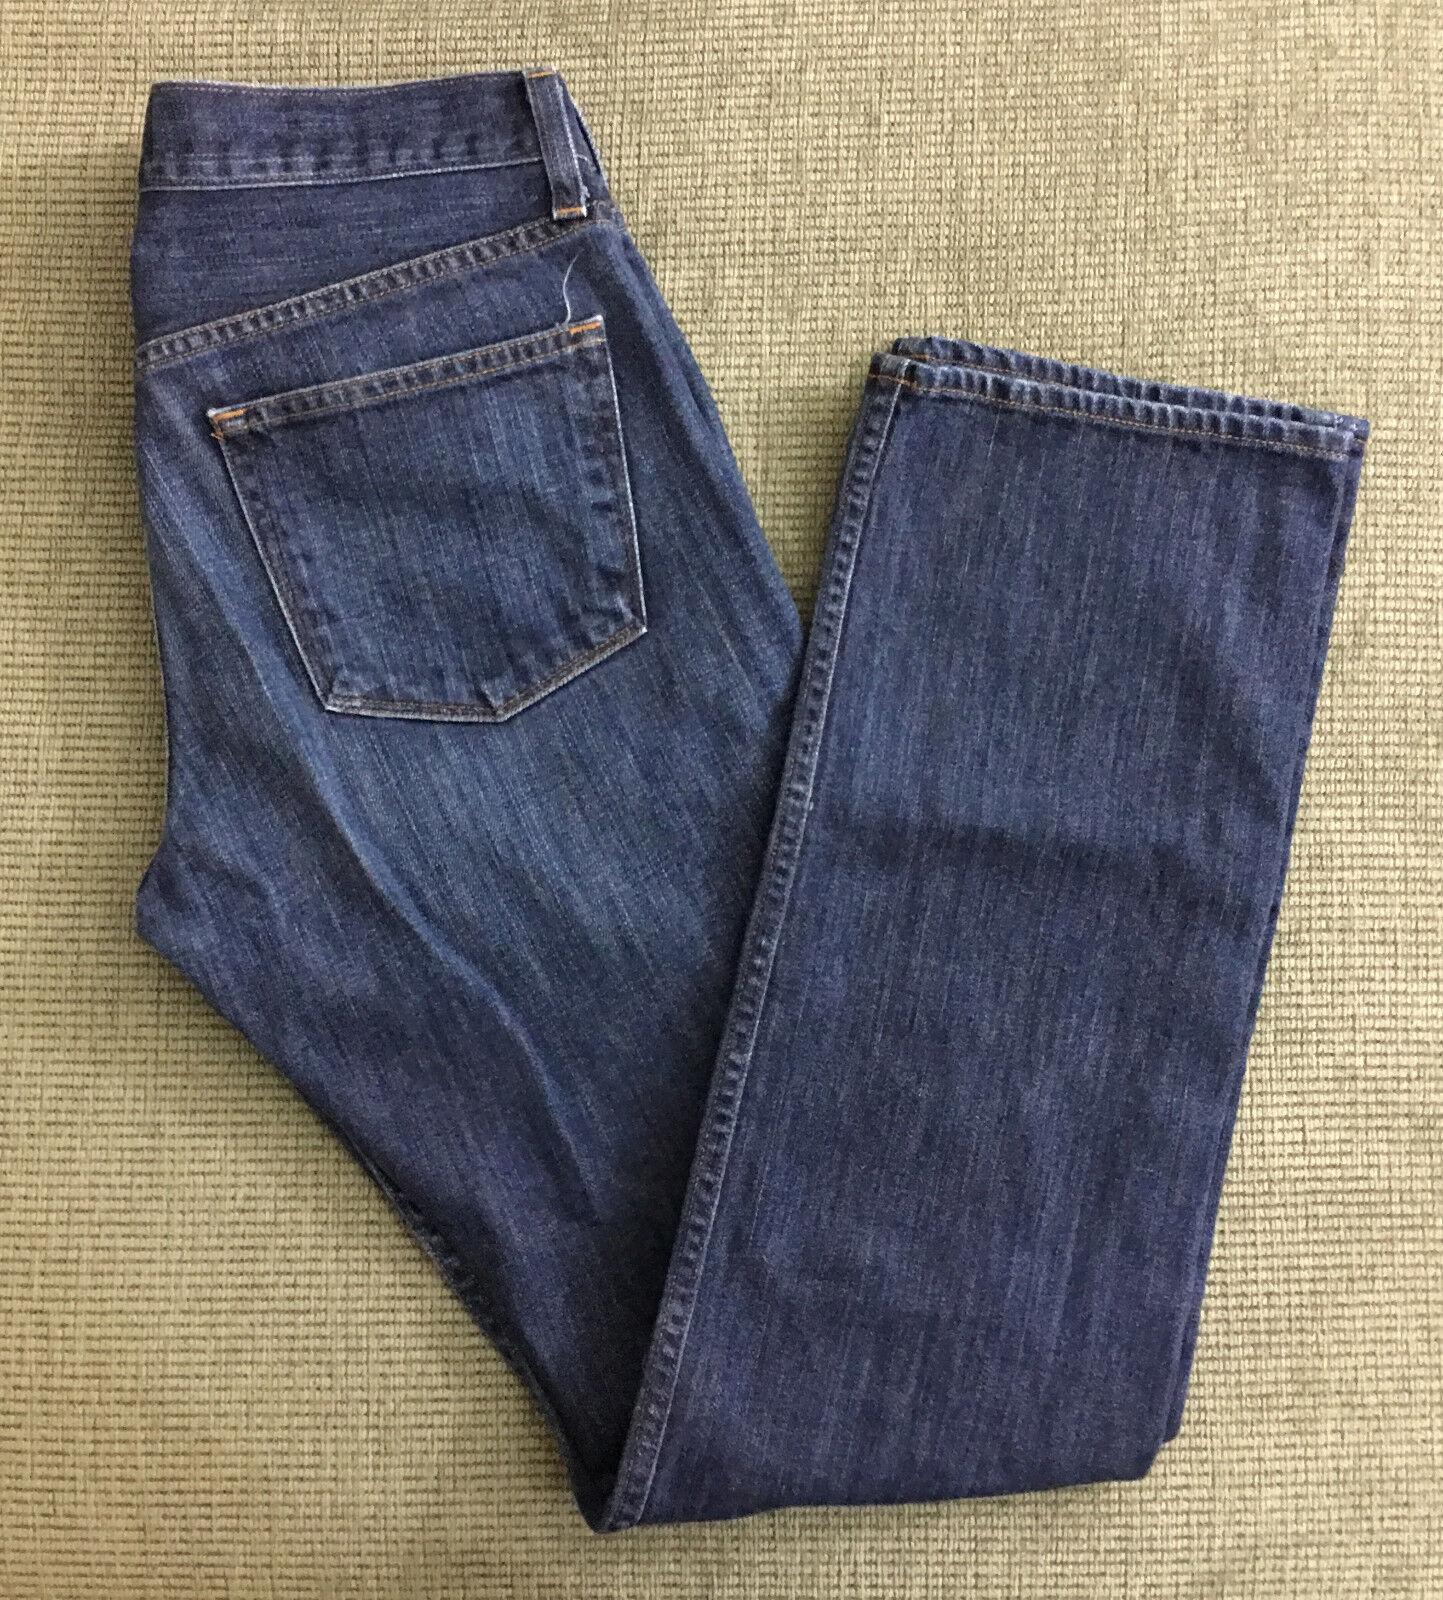 J1 J Brand Denim Jeans Kane Boot Cut Distressed Size 32x31 Women's